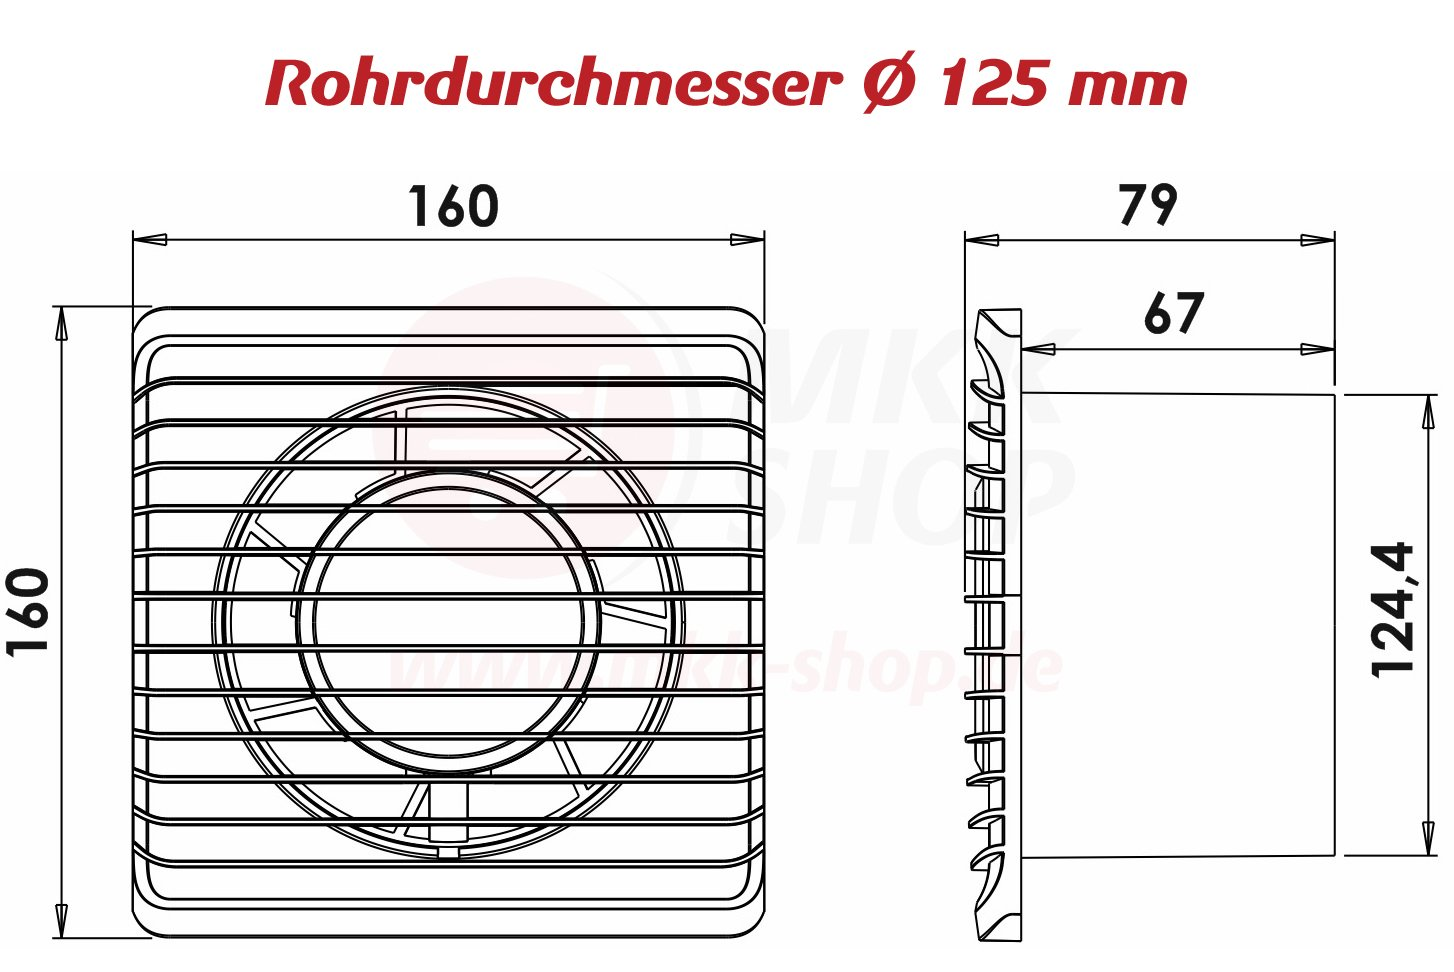 Badventilator /Ø 125 mm in wei/ß mit Netzstecker und Kippschalter L/üfter Ventilator Front Wandl/üfter Badl/üfter Ventilator Einbaul/üfter Bad K/üche leise 12,5 cm